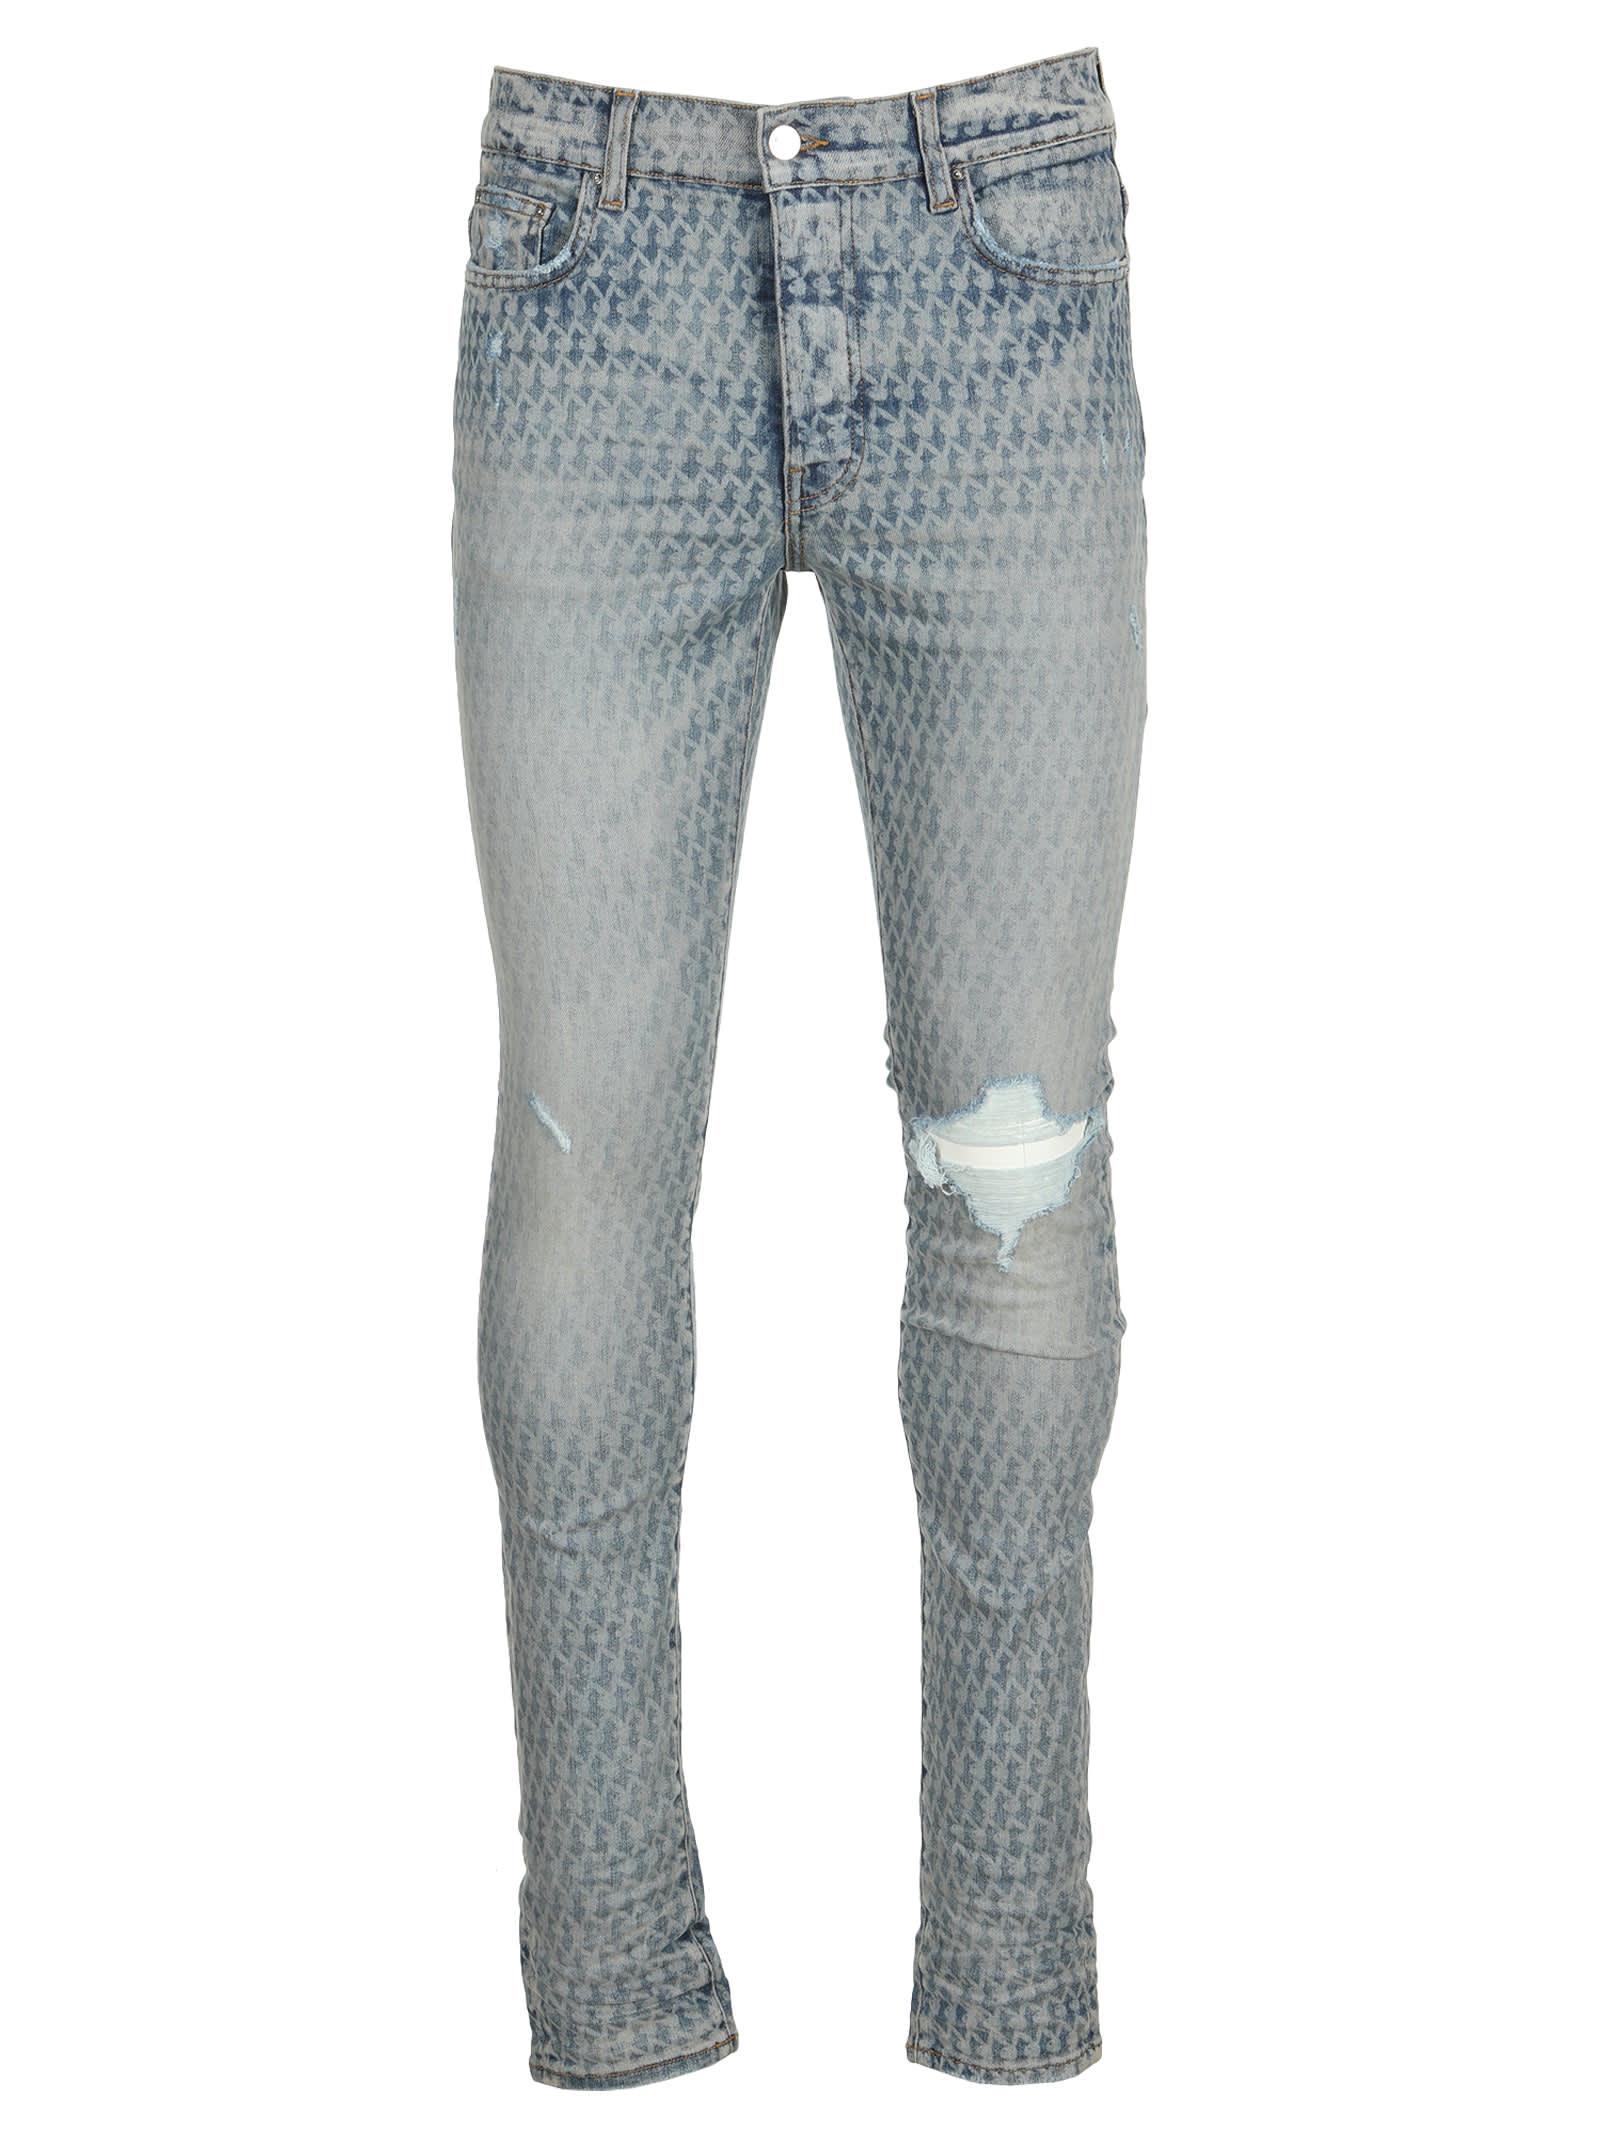 Amiri Playboy Lazer Jeans